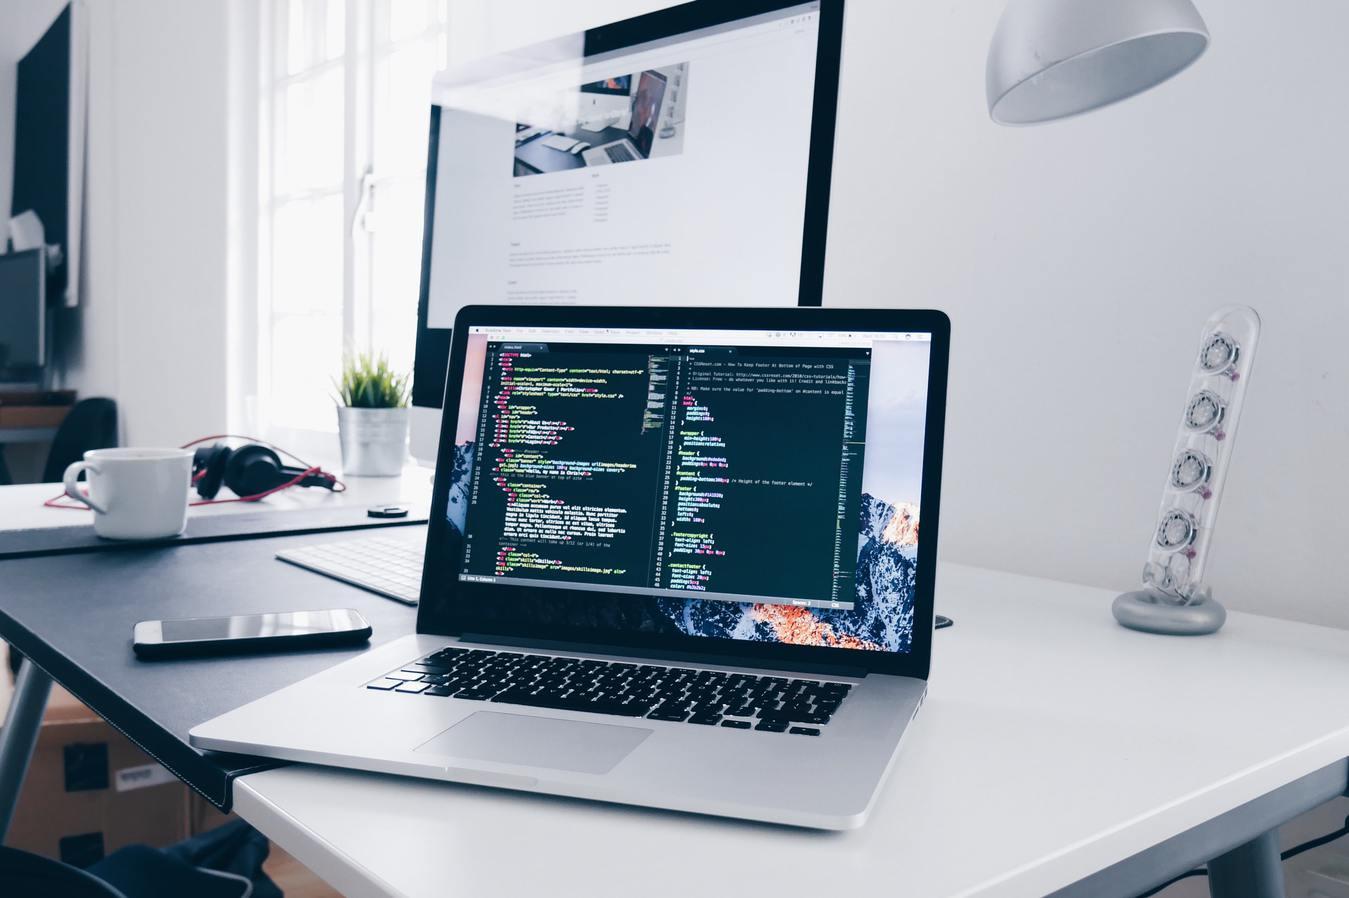 Notebook com código de programação na tela e em cima de uma mesa branca